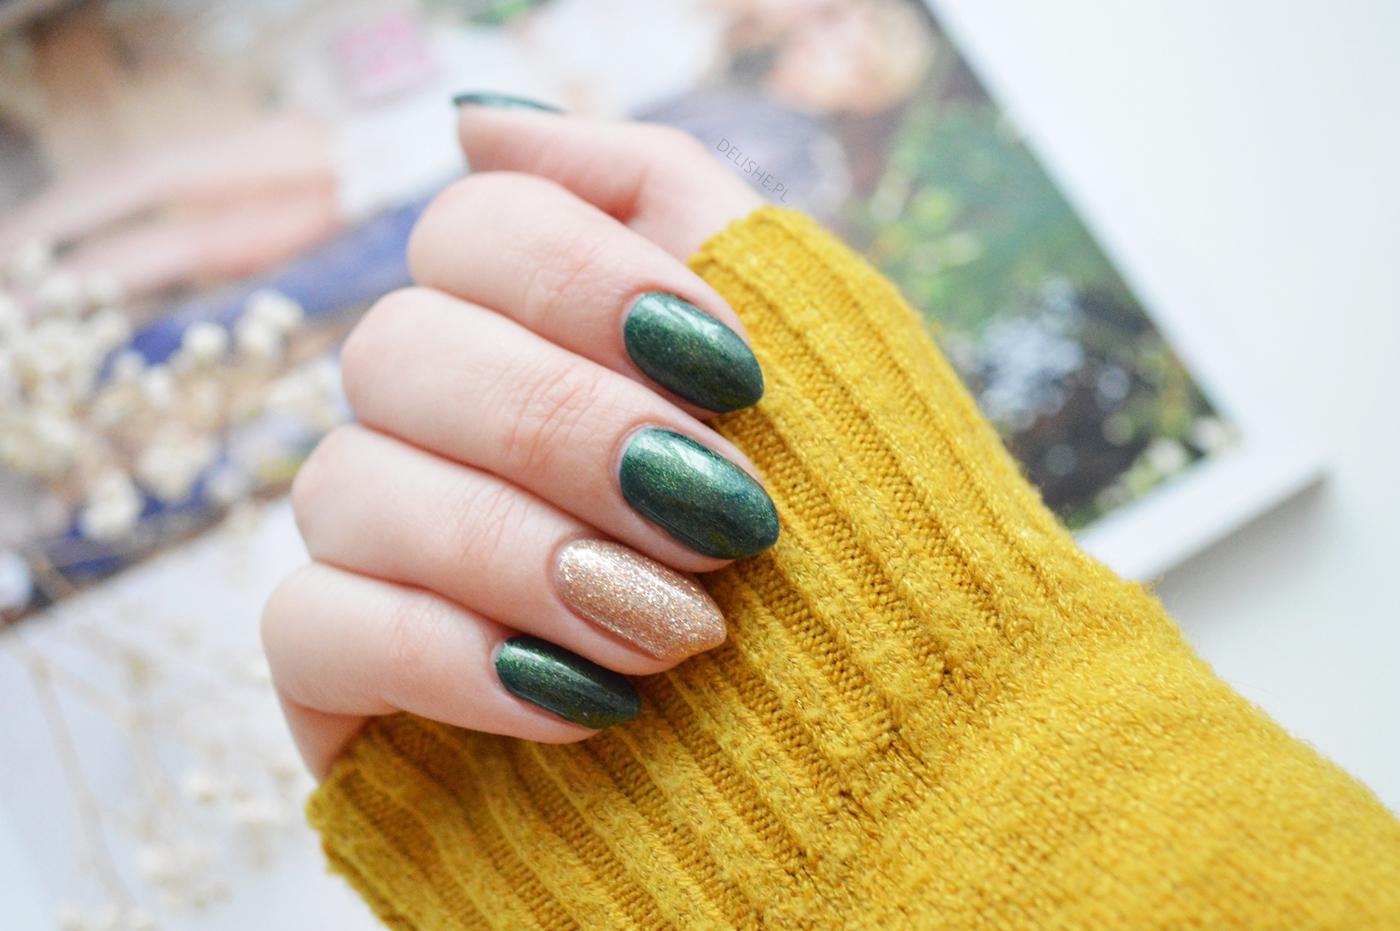 zielony manicure hybrydowy z brokatem